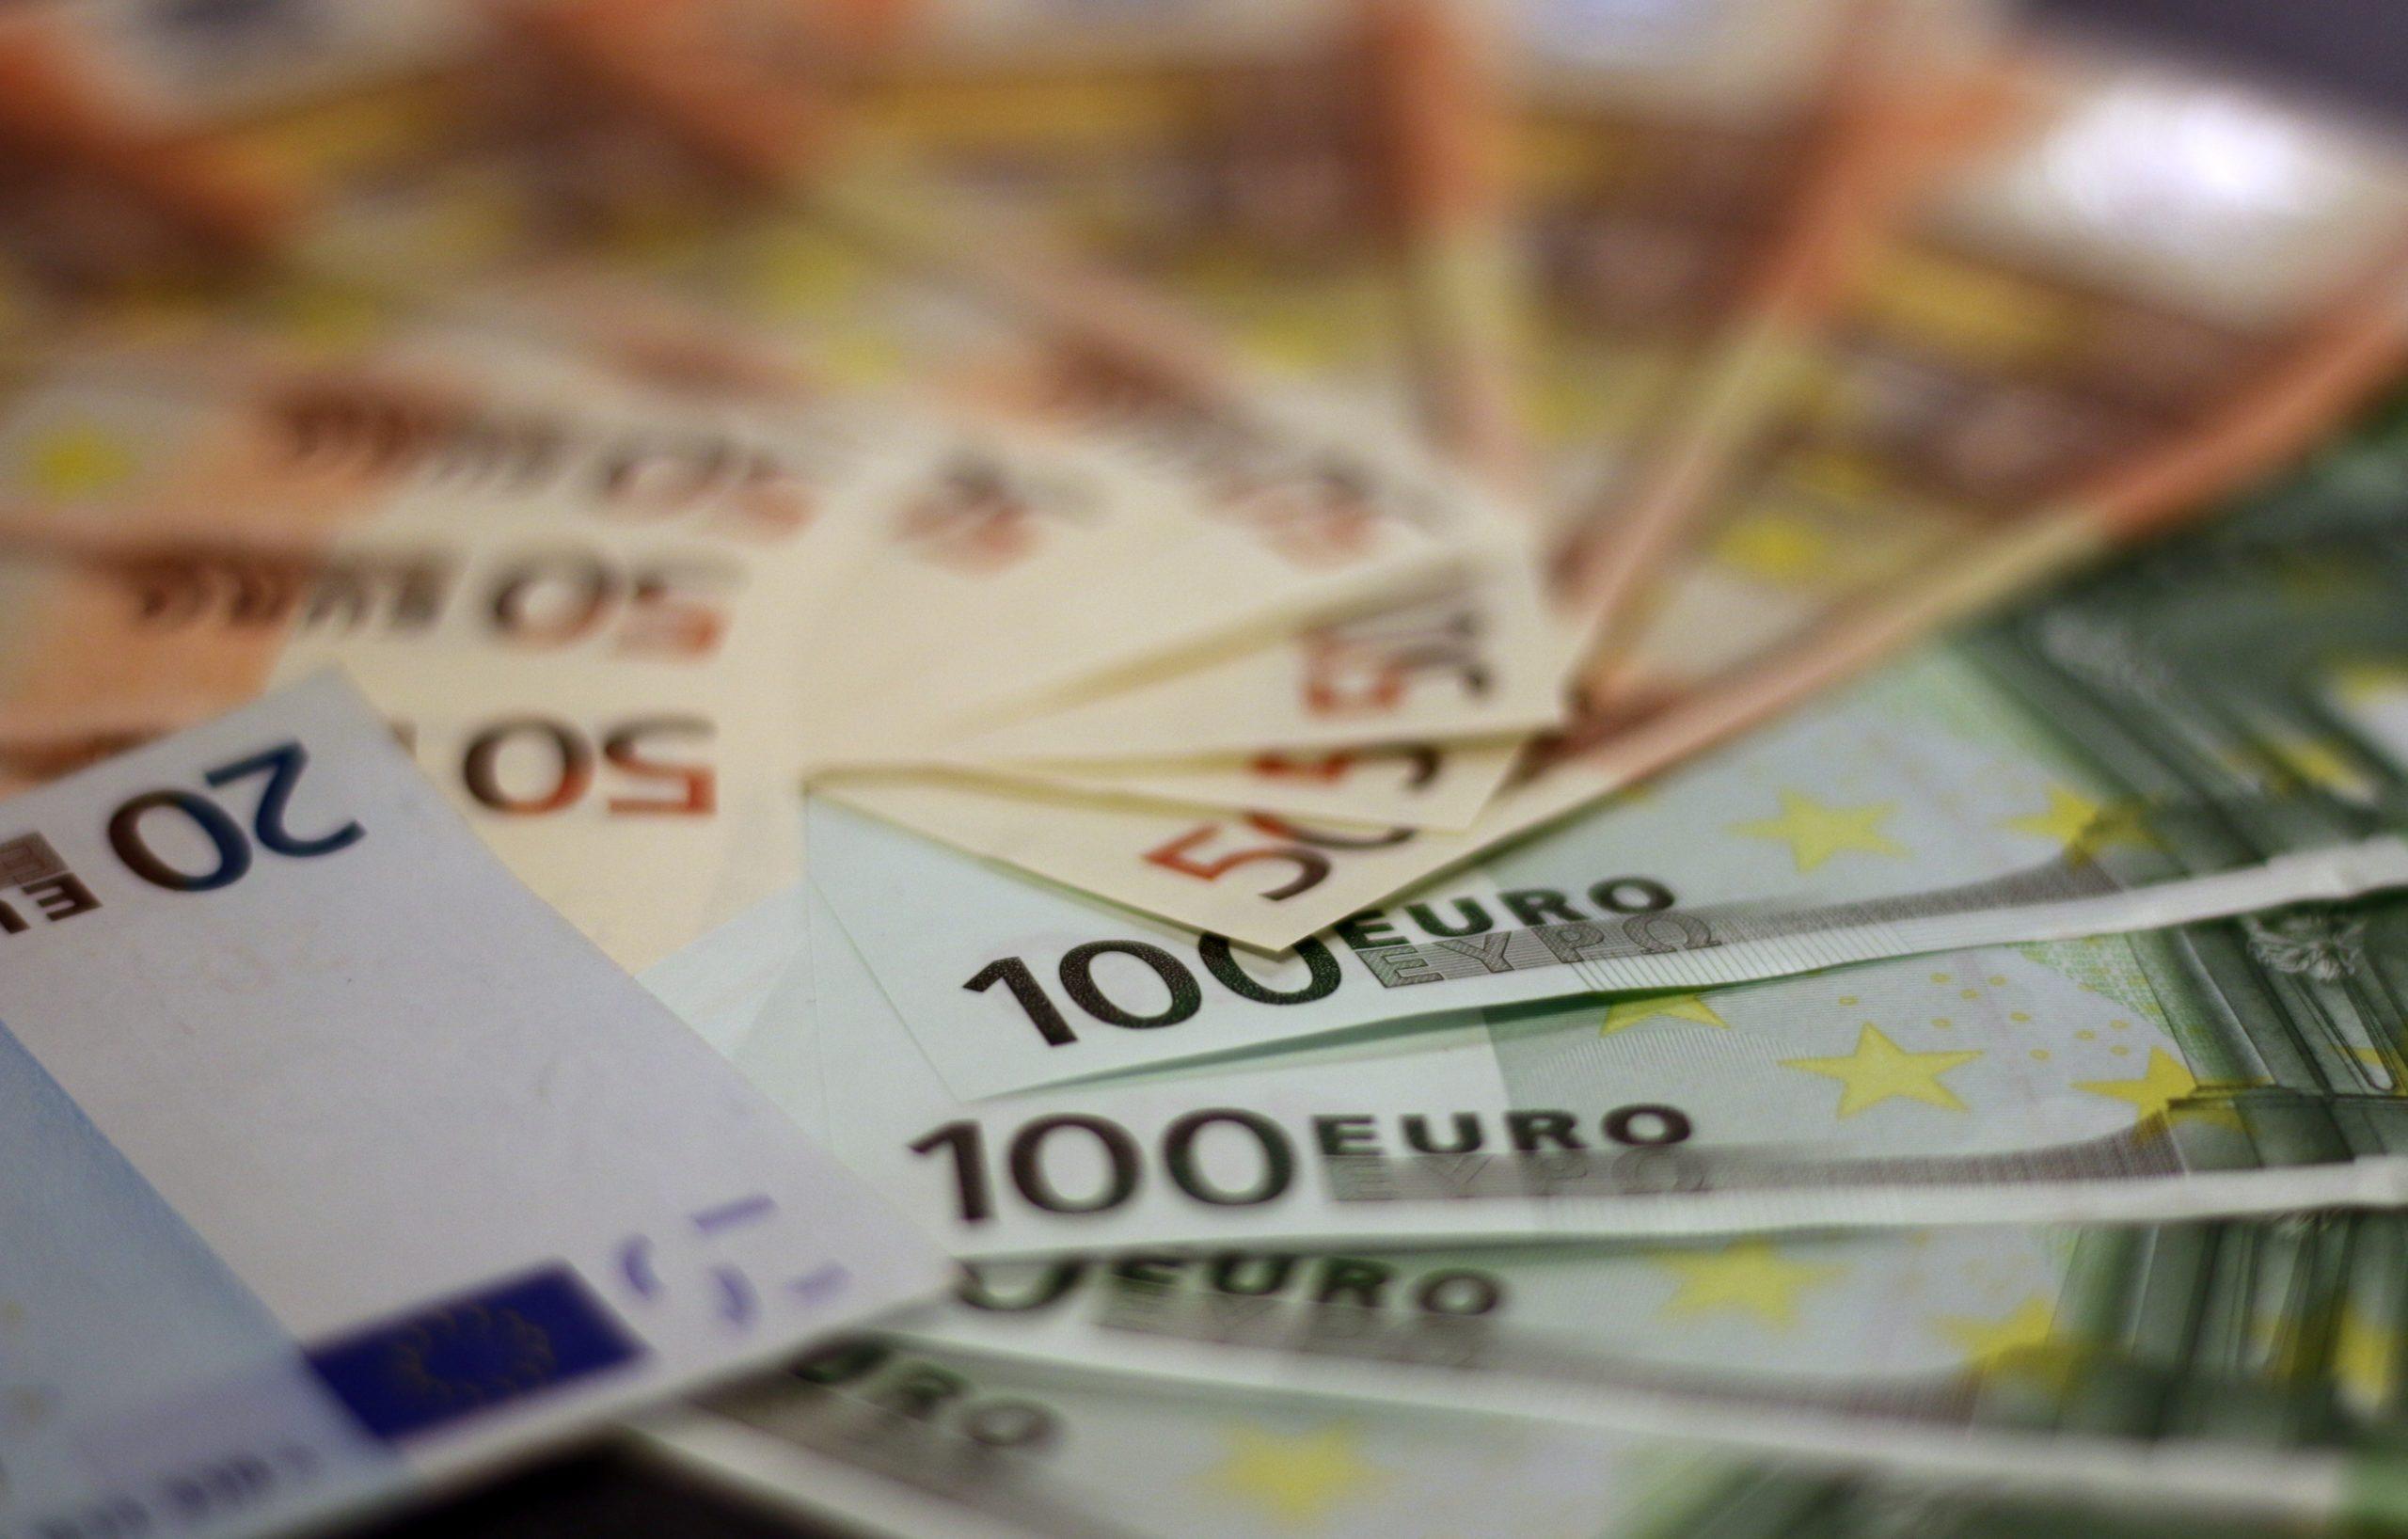 https://www.pexels.com/de-de/foto/fan-von-verschiedenen-euro-banknoten-259100/